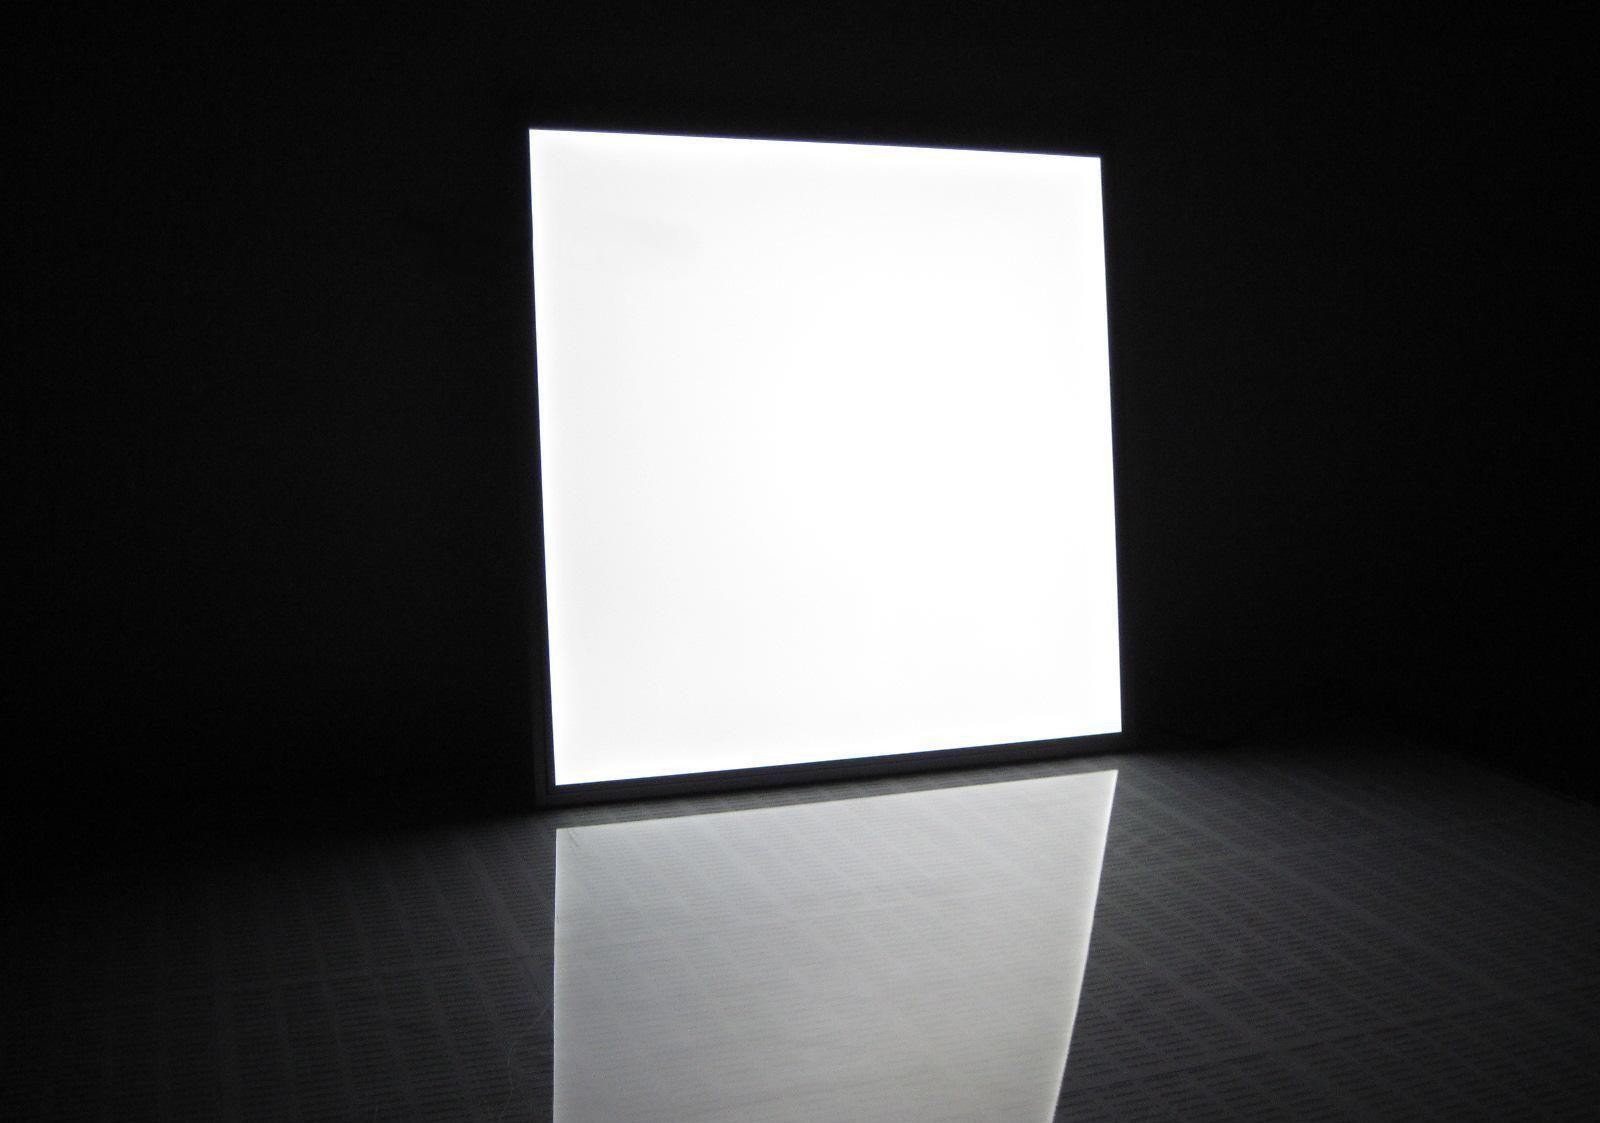 Plafoniera Led Quadrata 30x30 : Plafoniera led quadrata offerte plafoniere pannelli